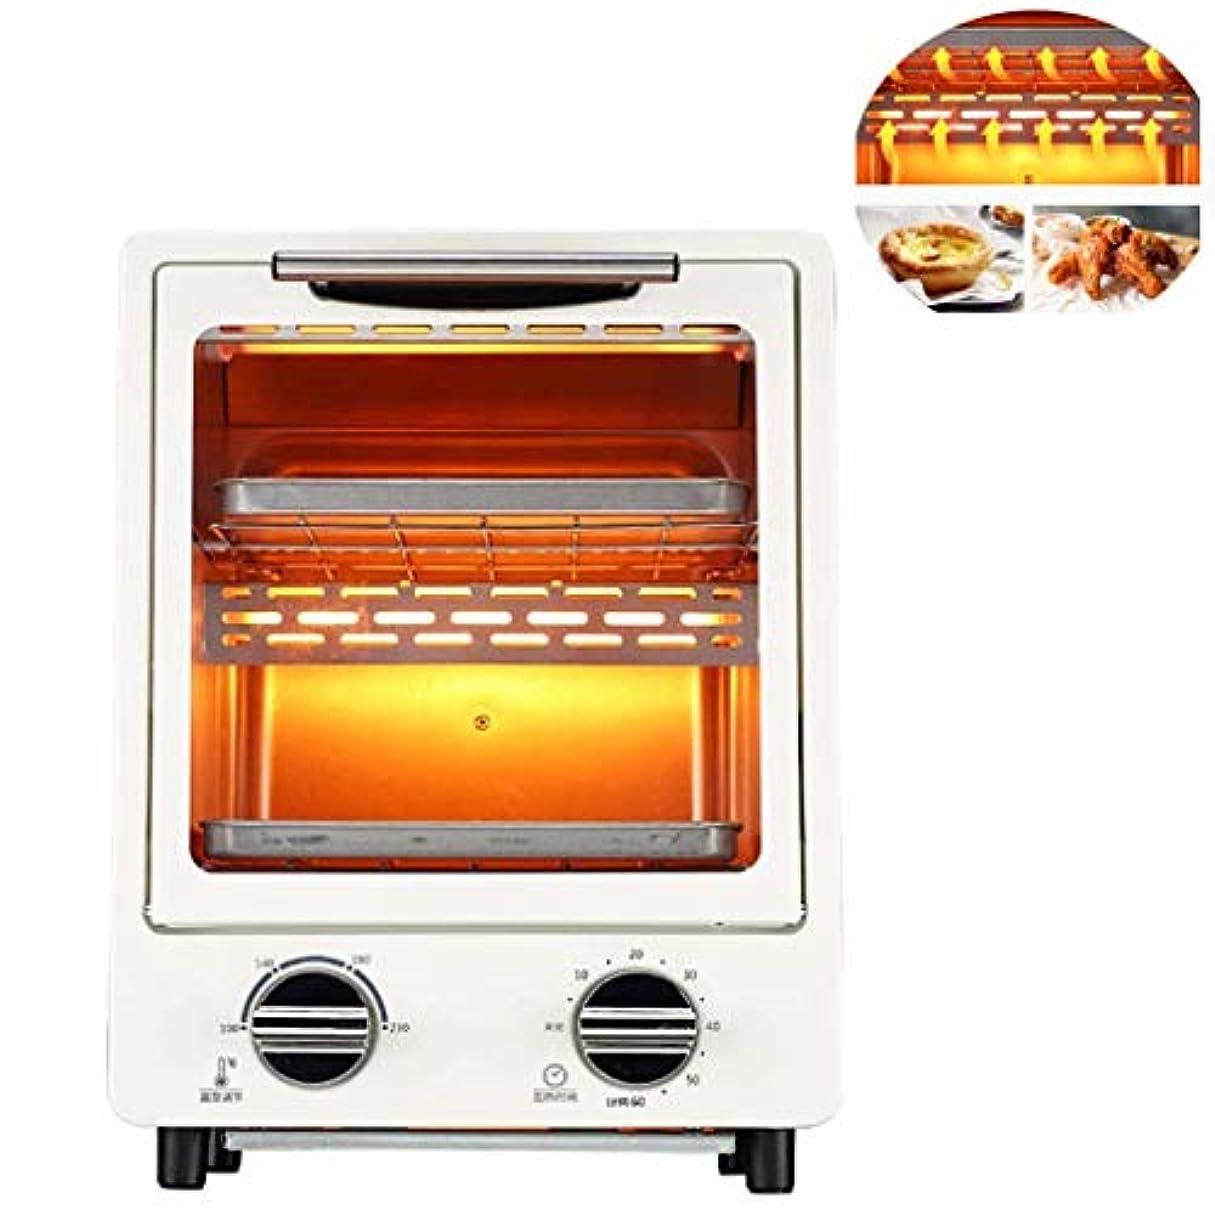 細心の円形乏しいミニ電気対流オーブン垂直ベーカリートースタータイマービスケット家庭用ベーキングクッキーケーキピザパン